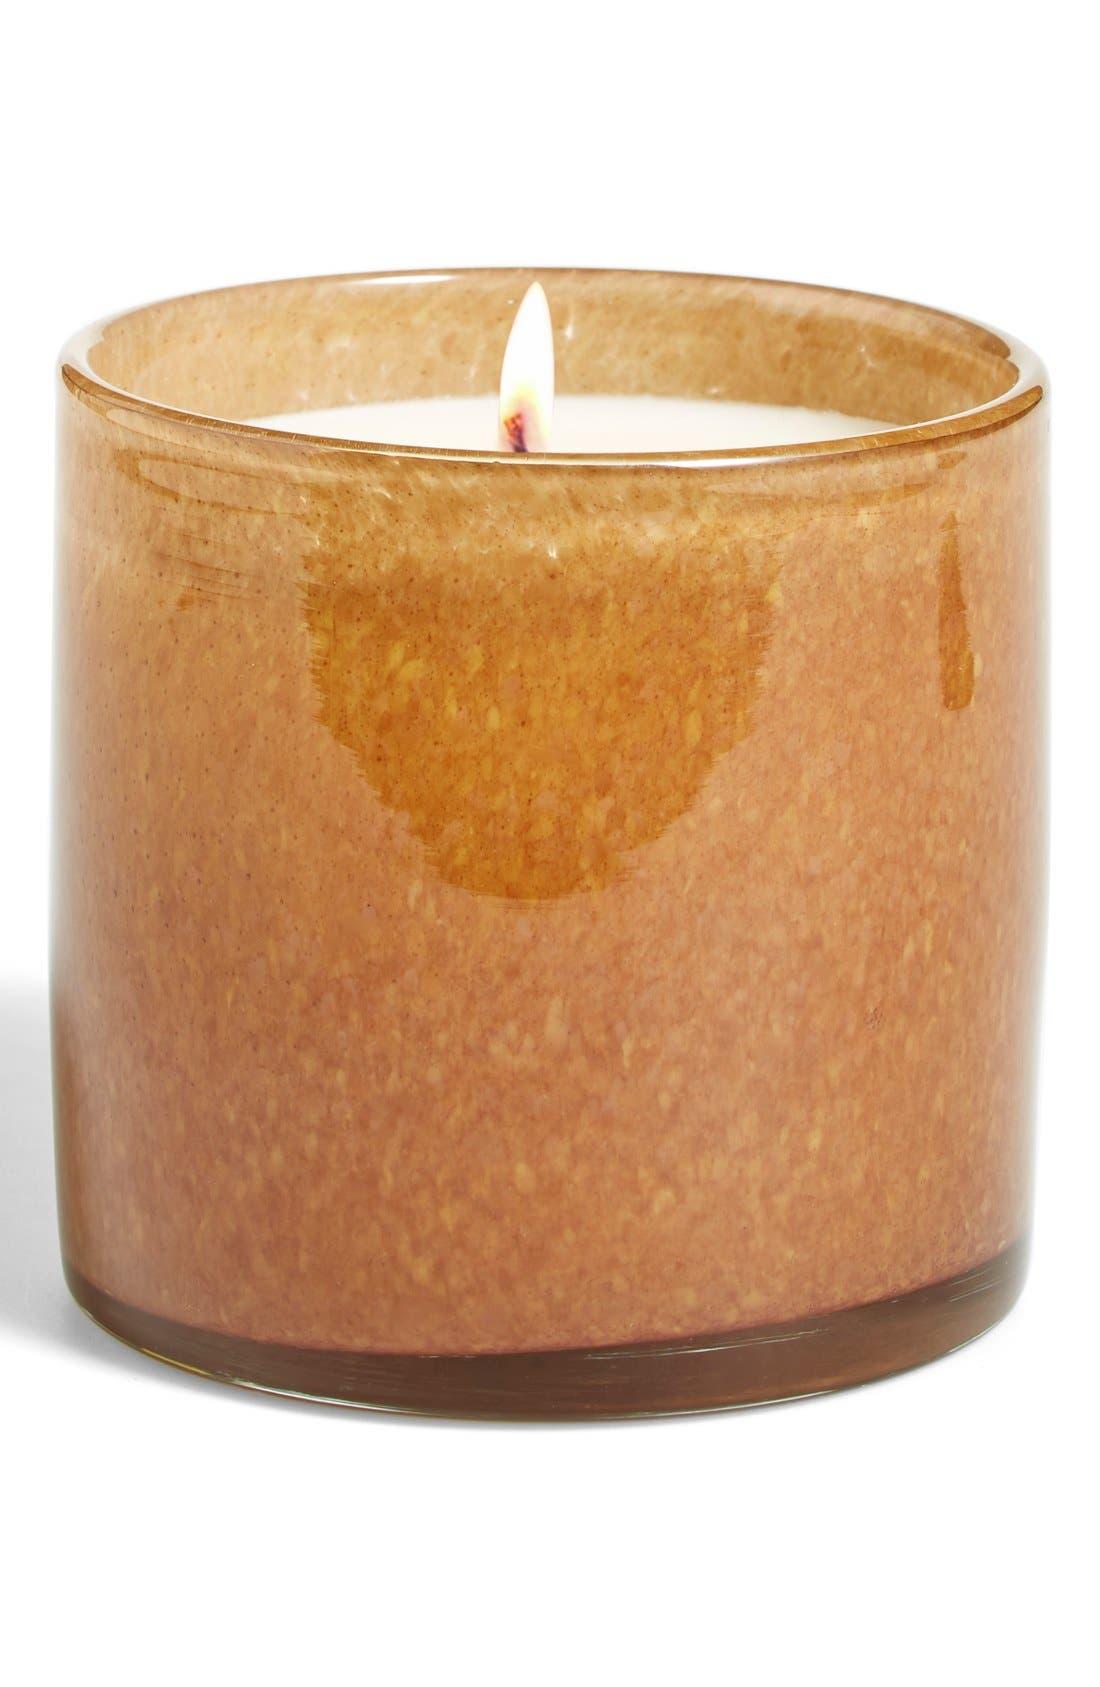 'Amber Black Vanilla - Foyer' Candle,                             Main thumbnail 1, color,                             NO COLOR